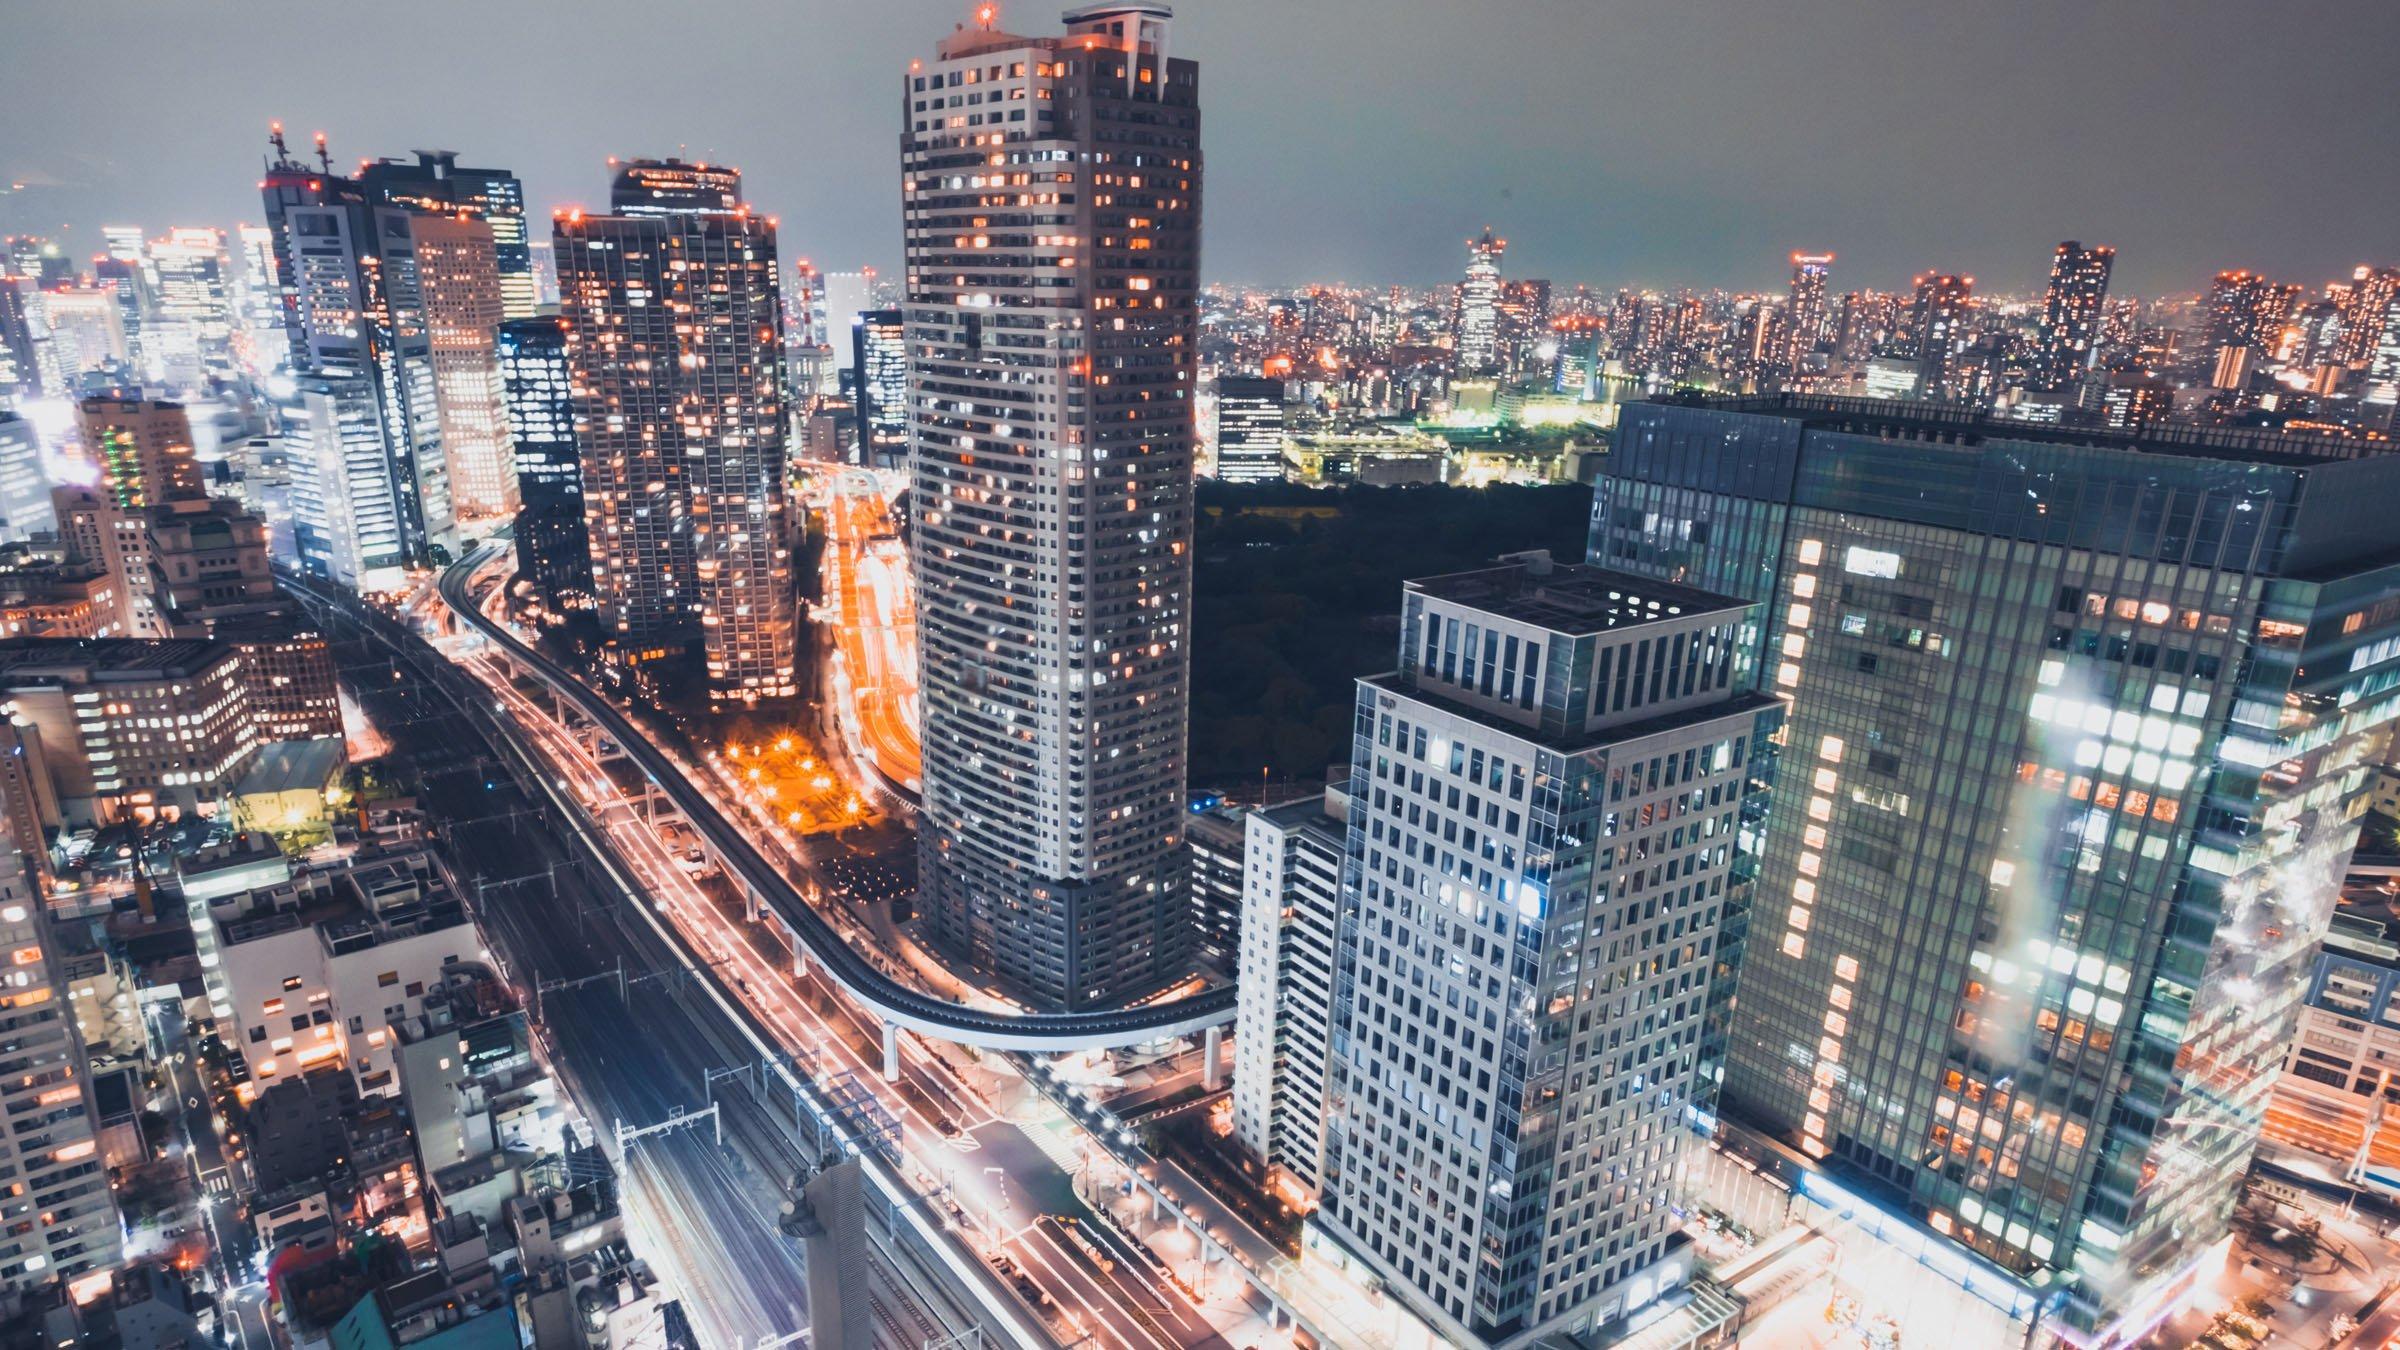 El apabullante tamaño de Tokio comparado con otras ciudades